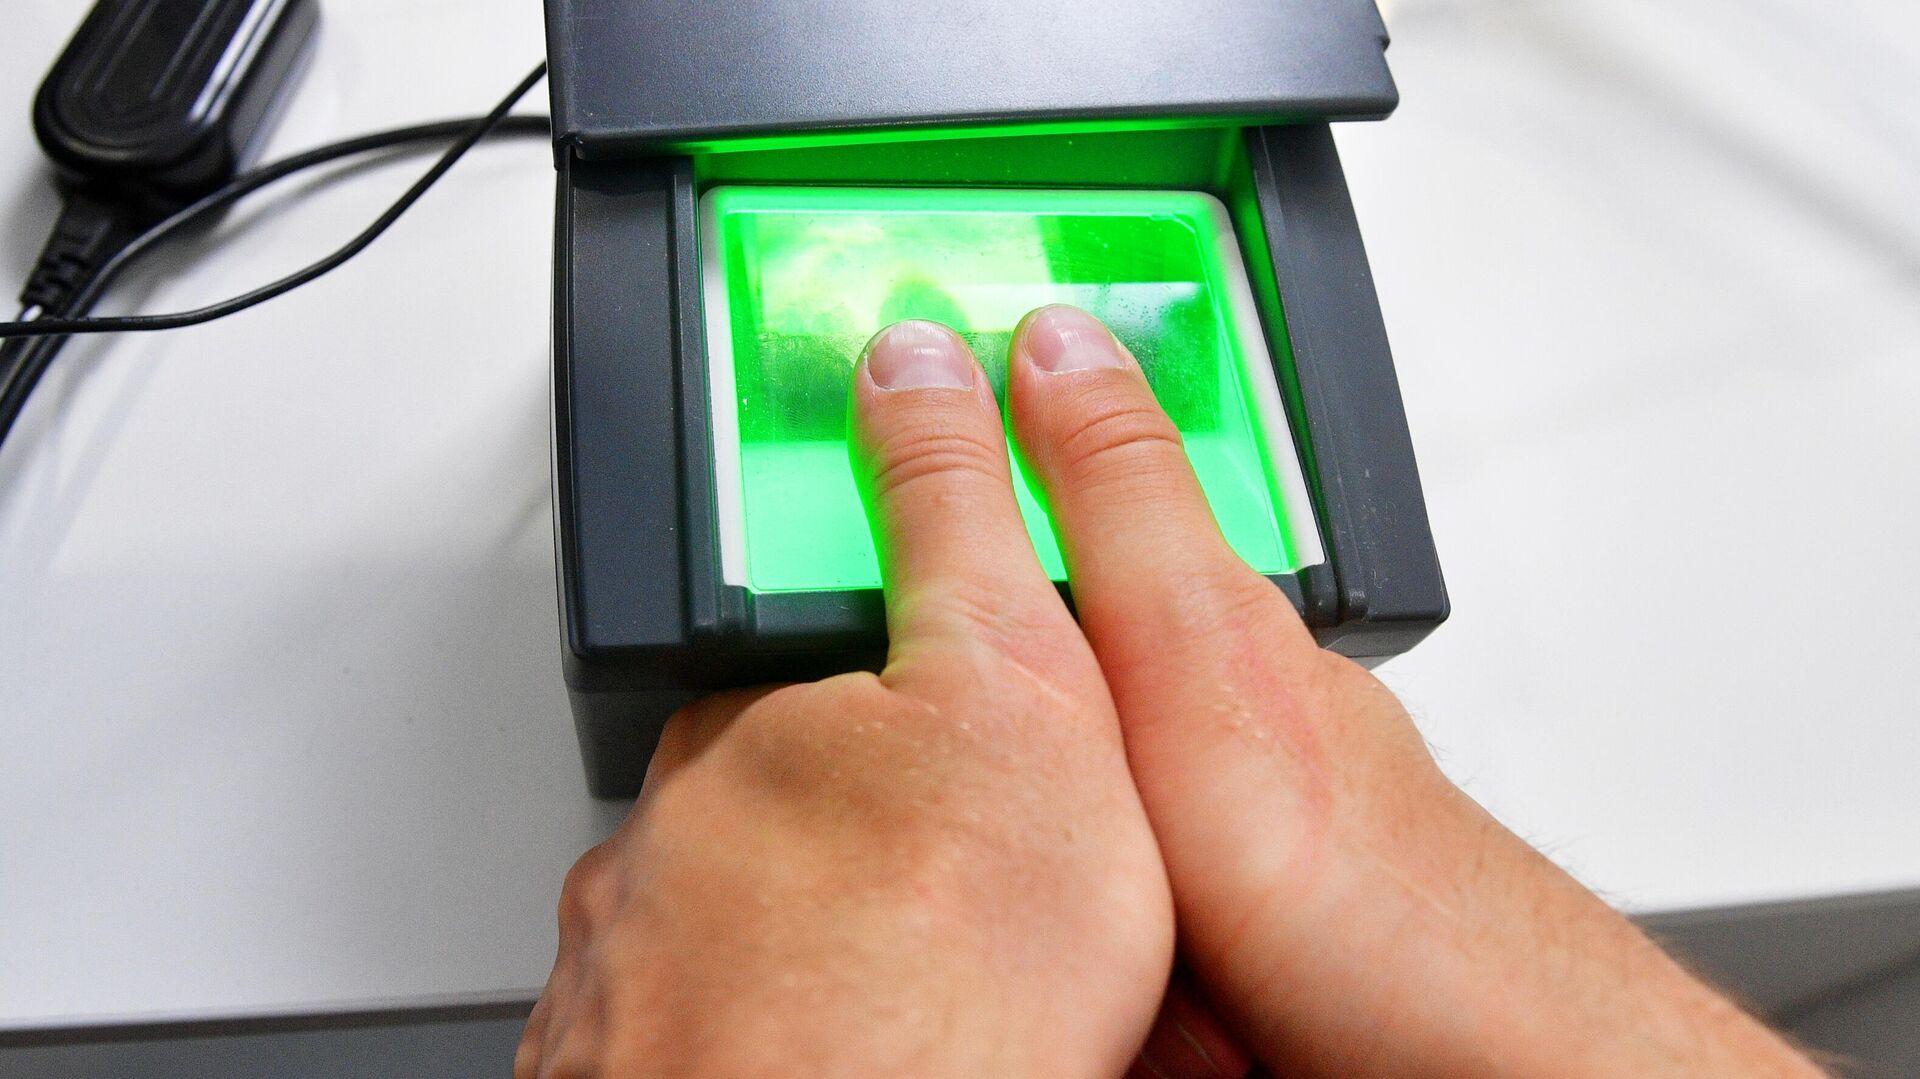 Эксперт рассказал об уловках мошенников для взлома биометрии